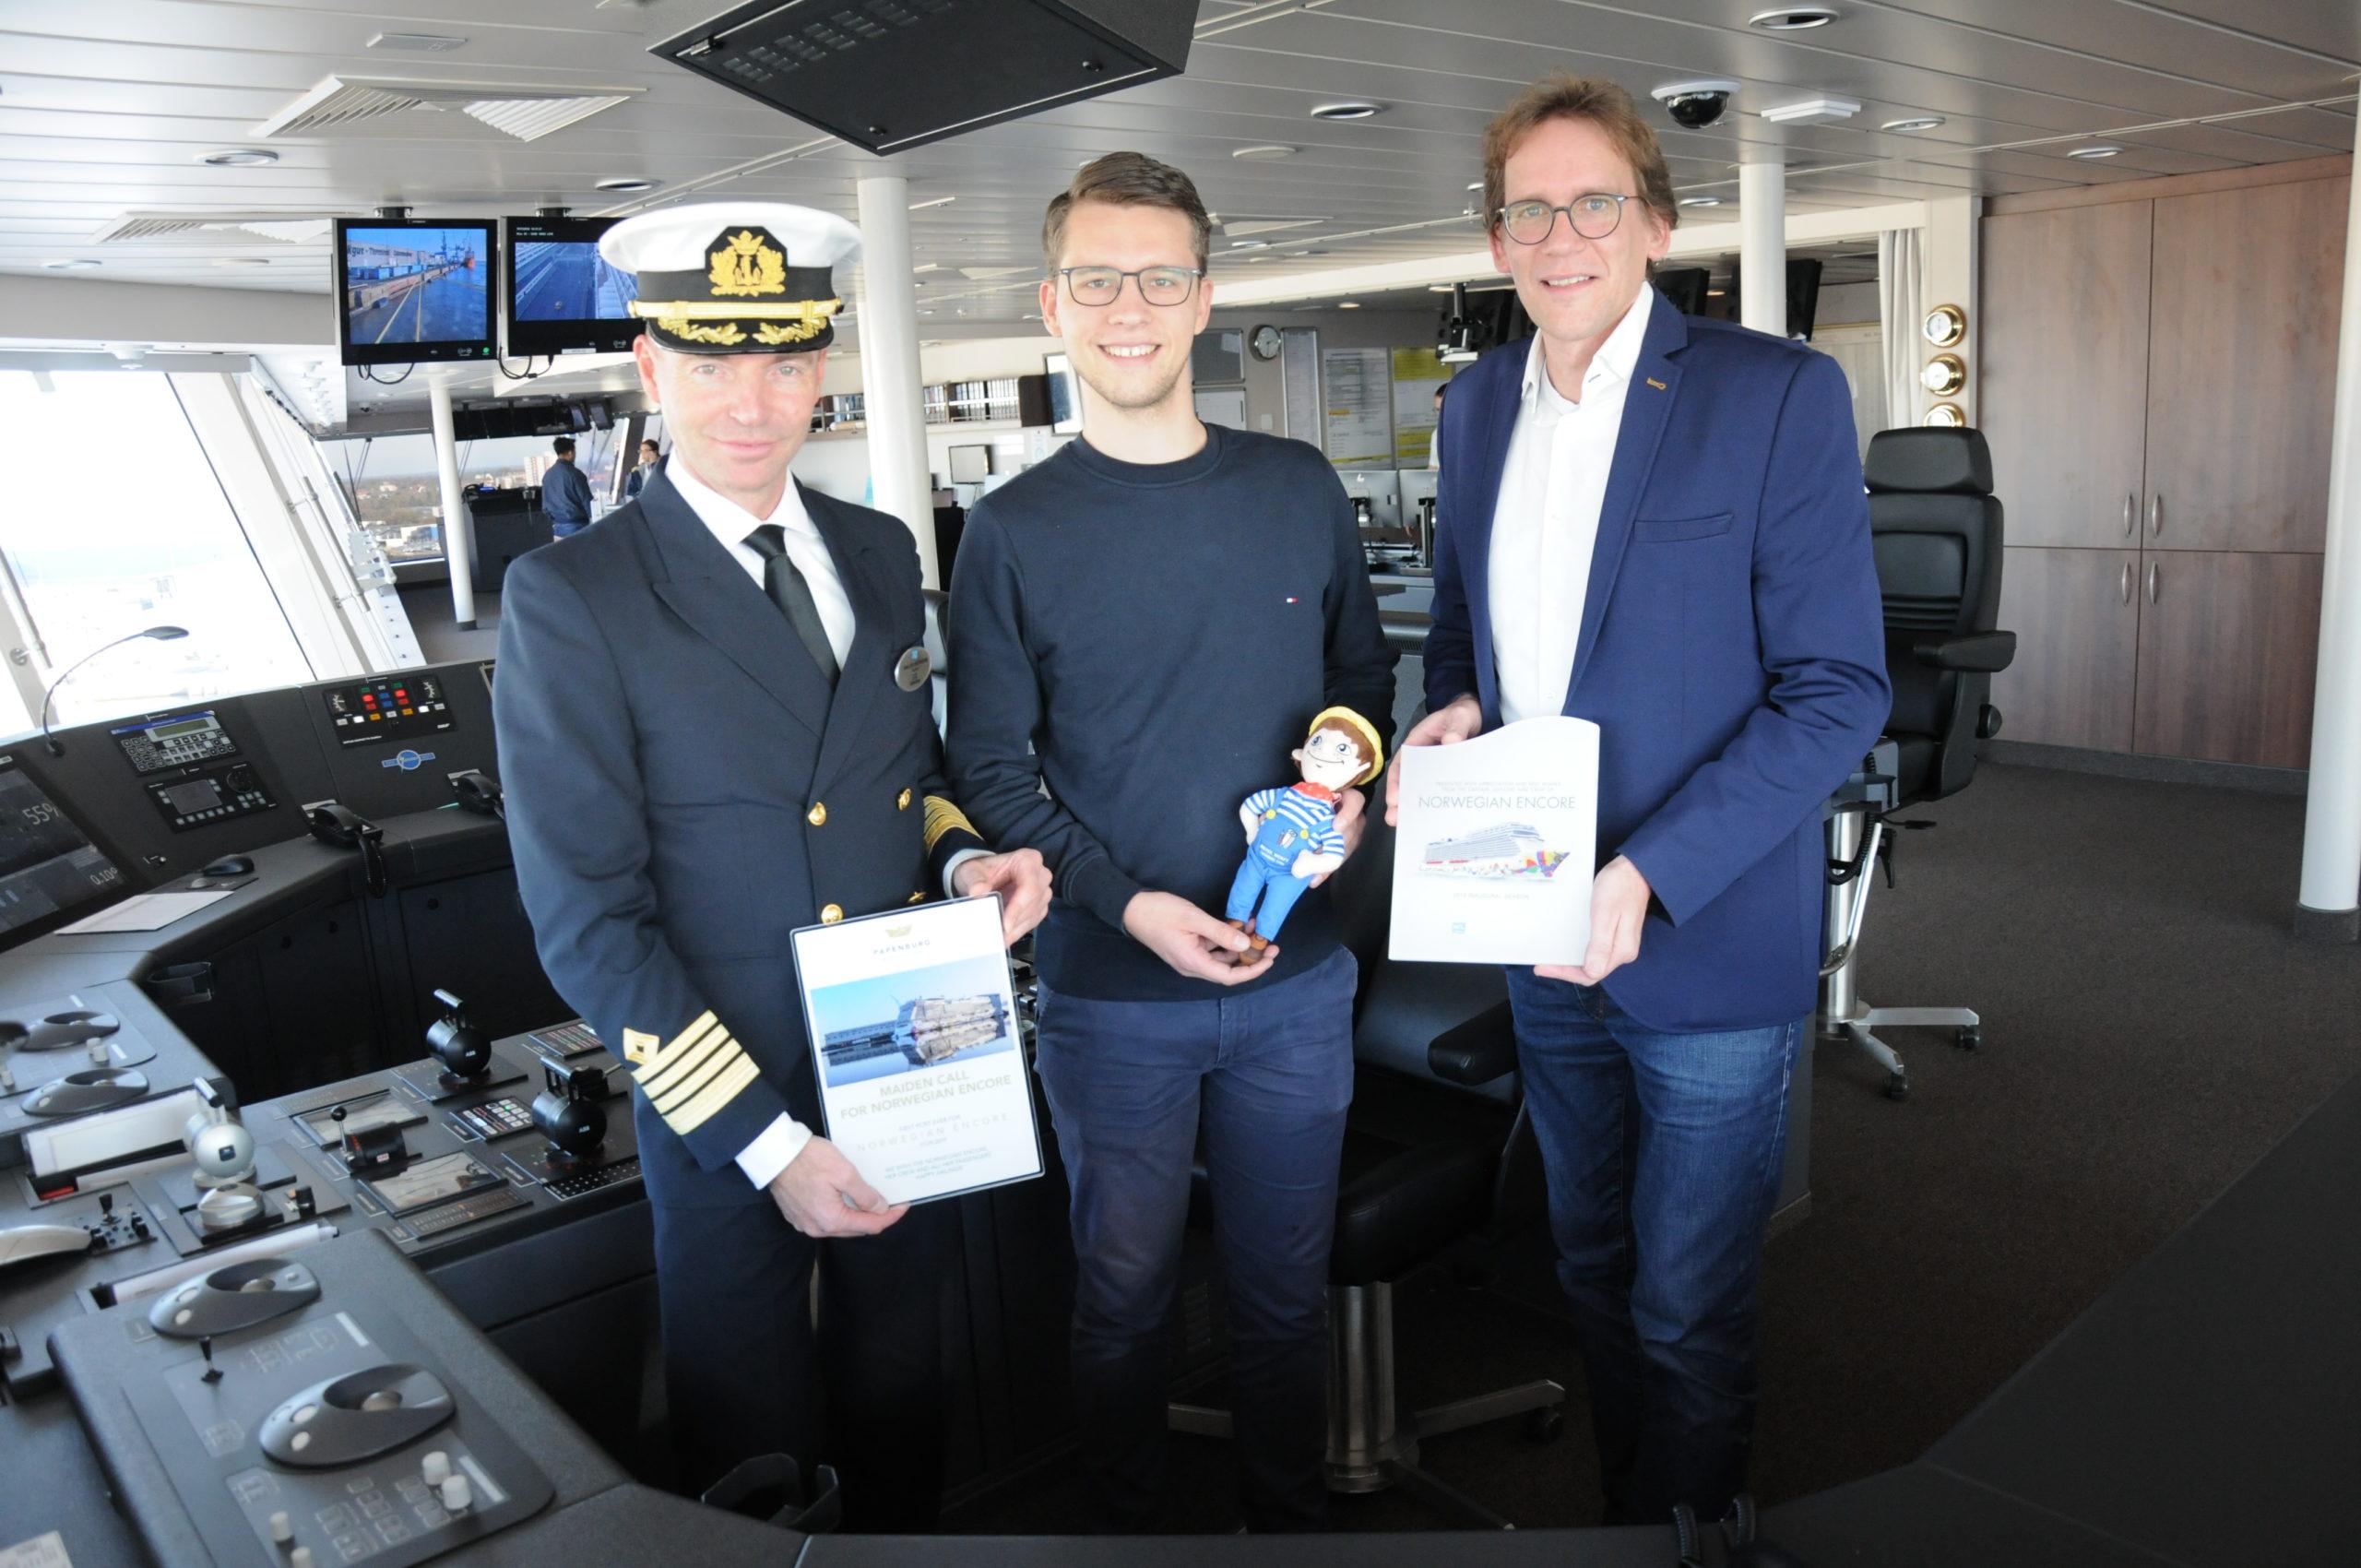 Plakettentausch auf der Brücke der Norwegian Encore: Kapitän Niklas Persson (links) freute sich über das Präsent von Werftsprecher Florian Feimann und PMG-Chef Kai Nehe (von links). Foto: Christoph Assies